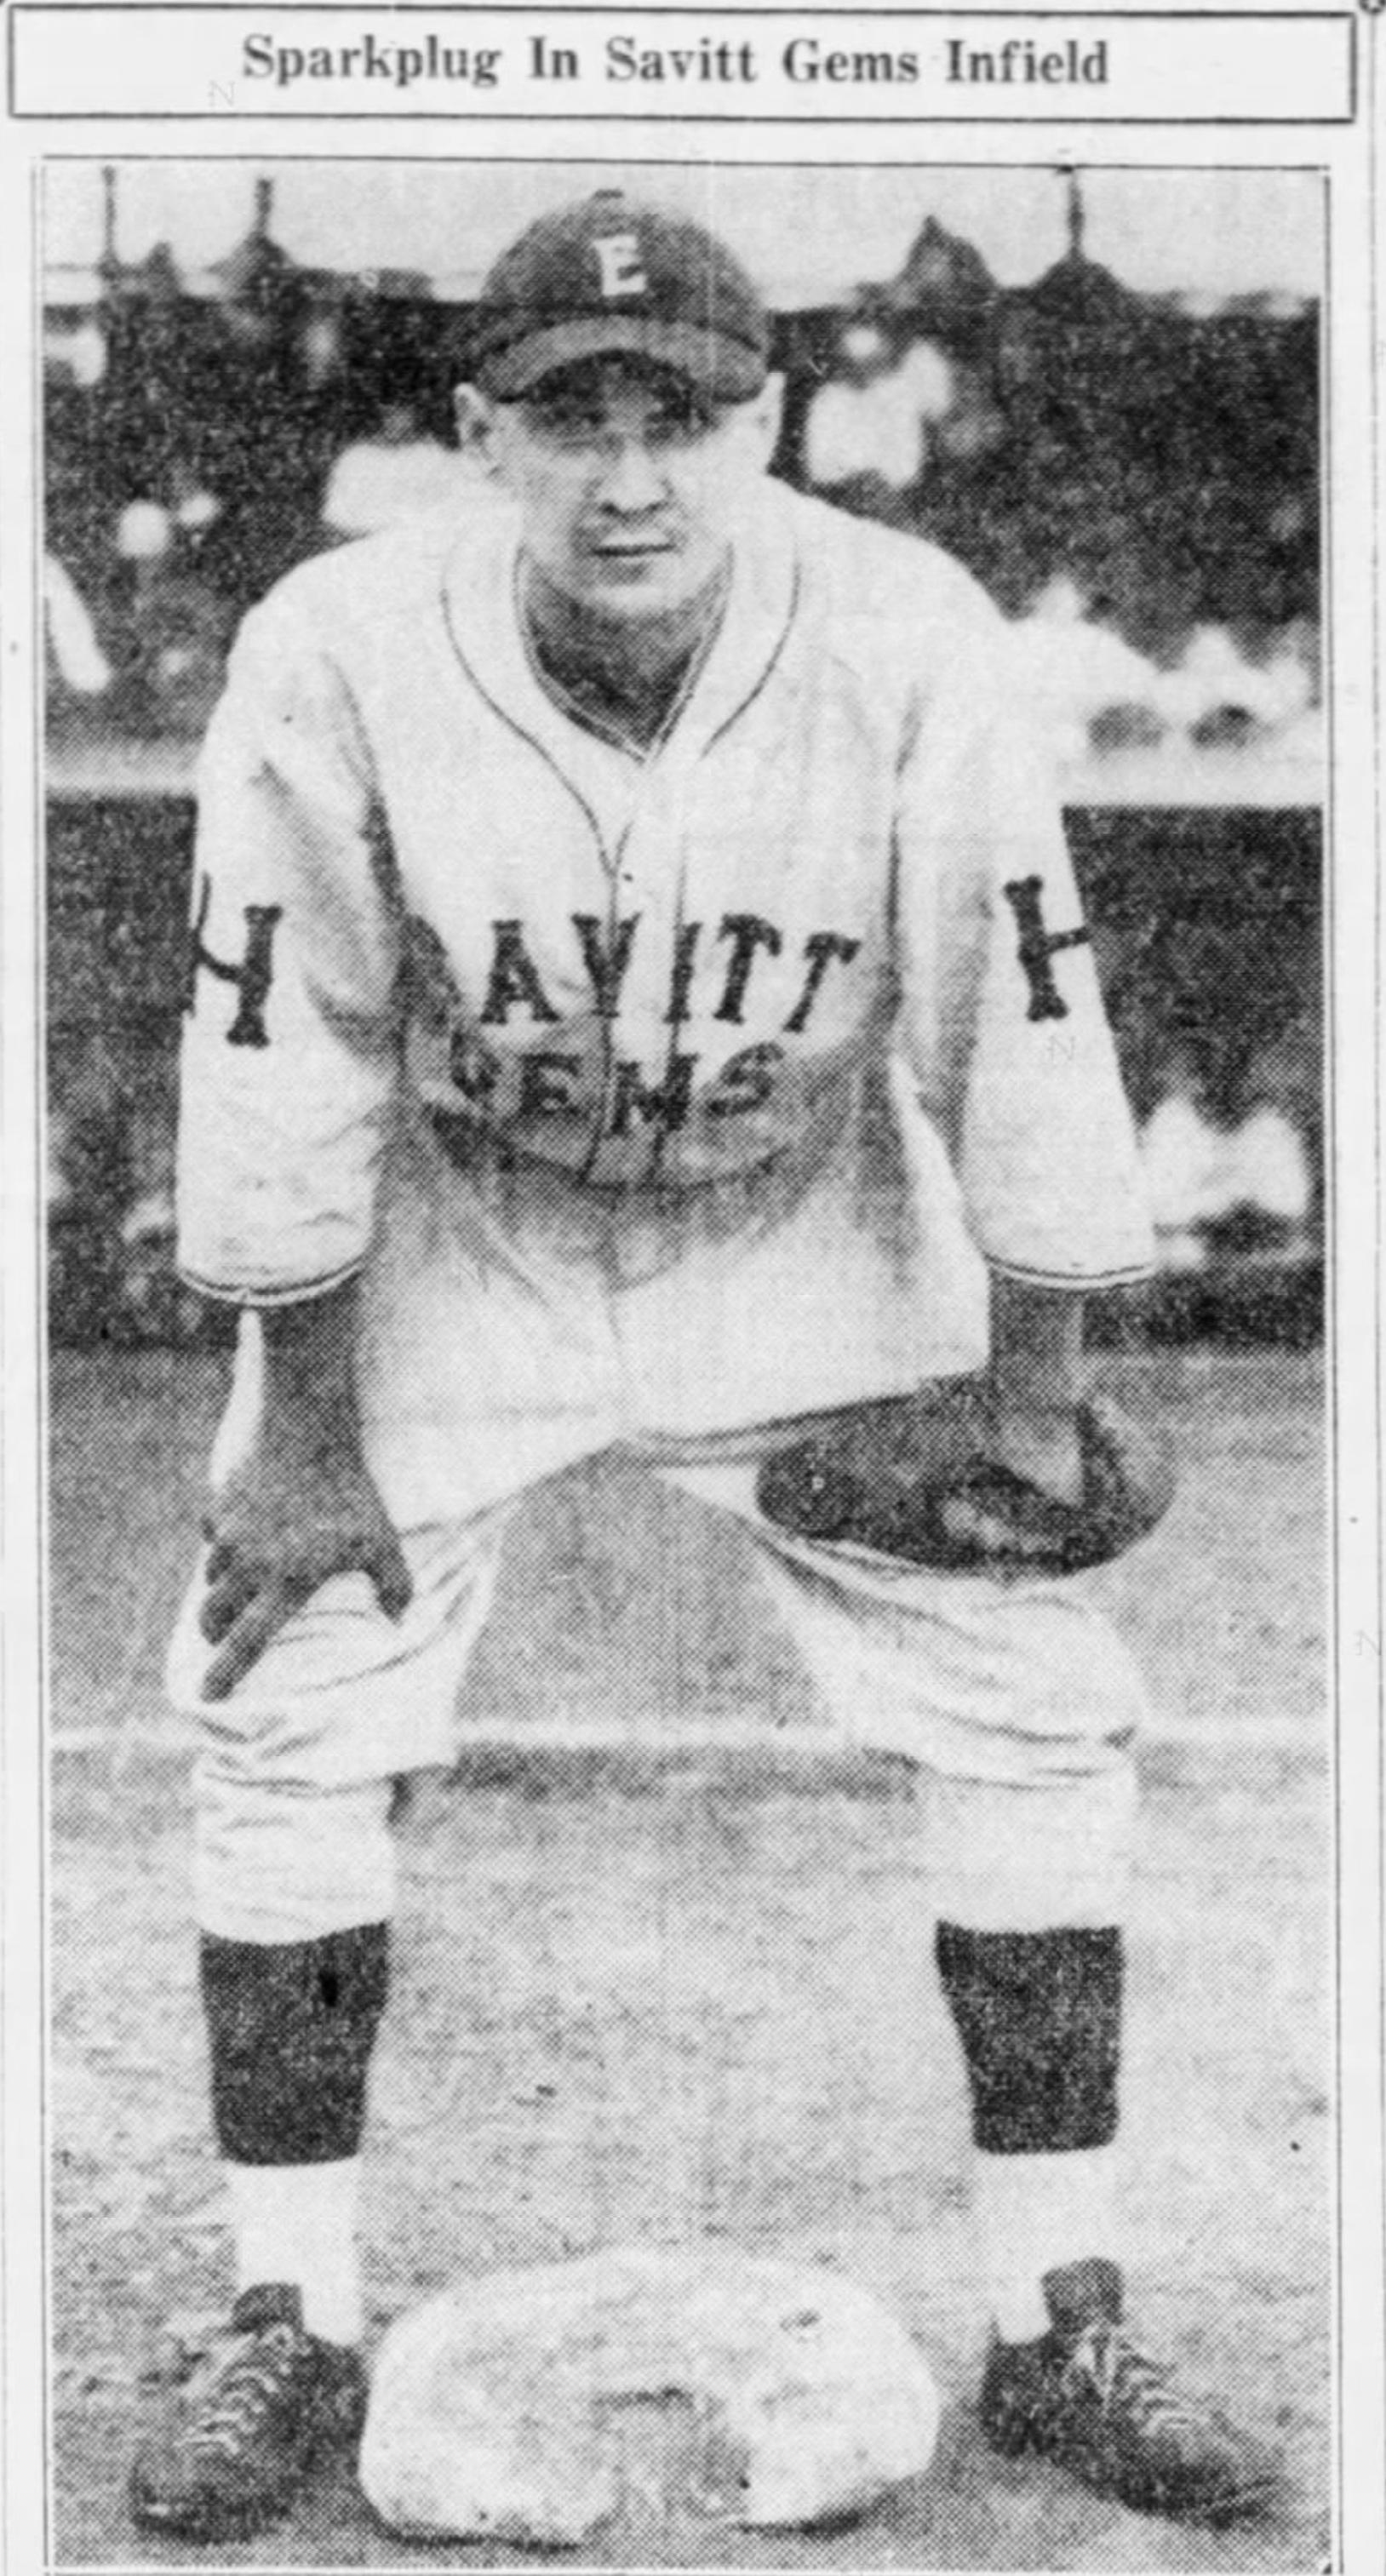 """George """"Bushy"""" Kapura, Savitt Gems, 1936."""